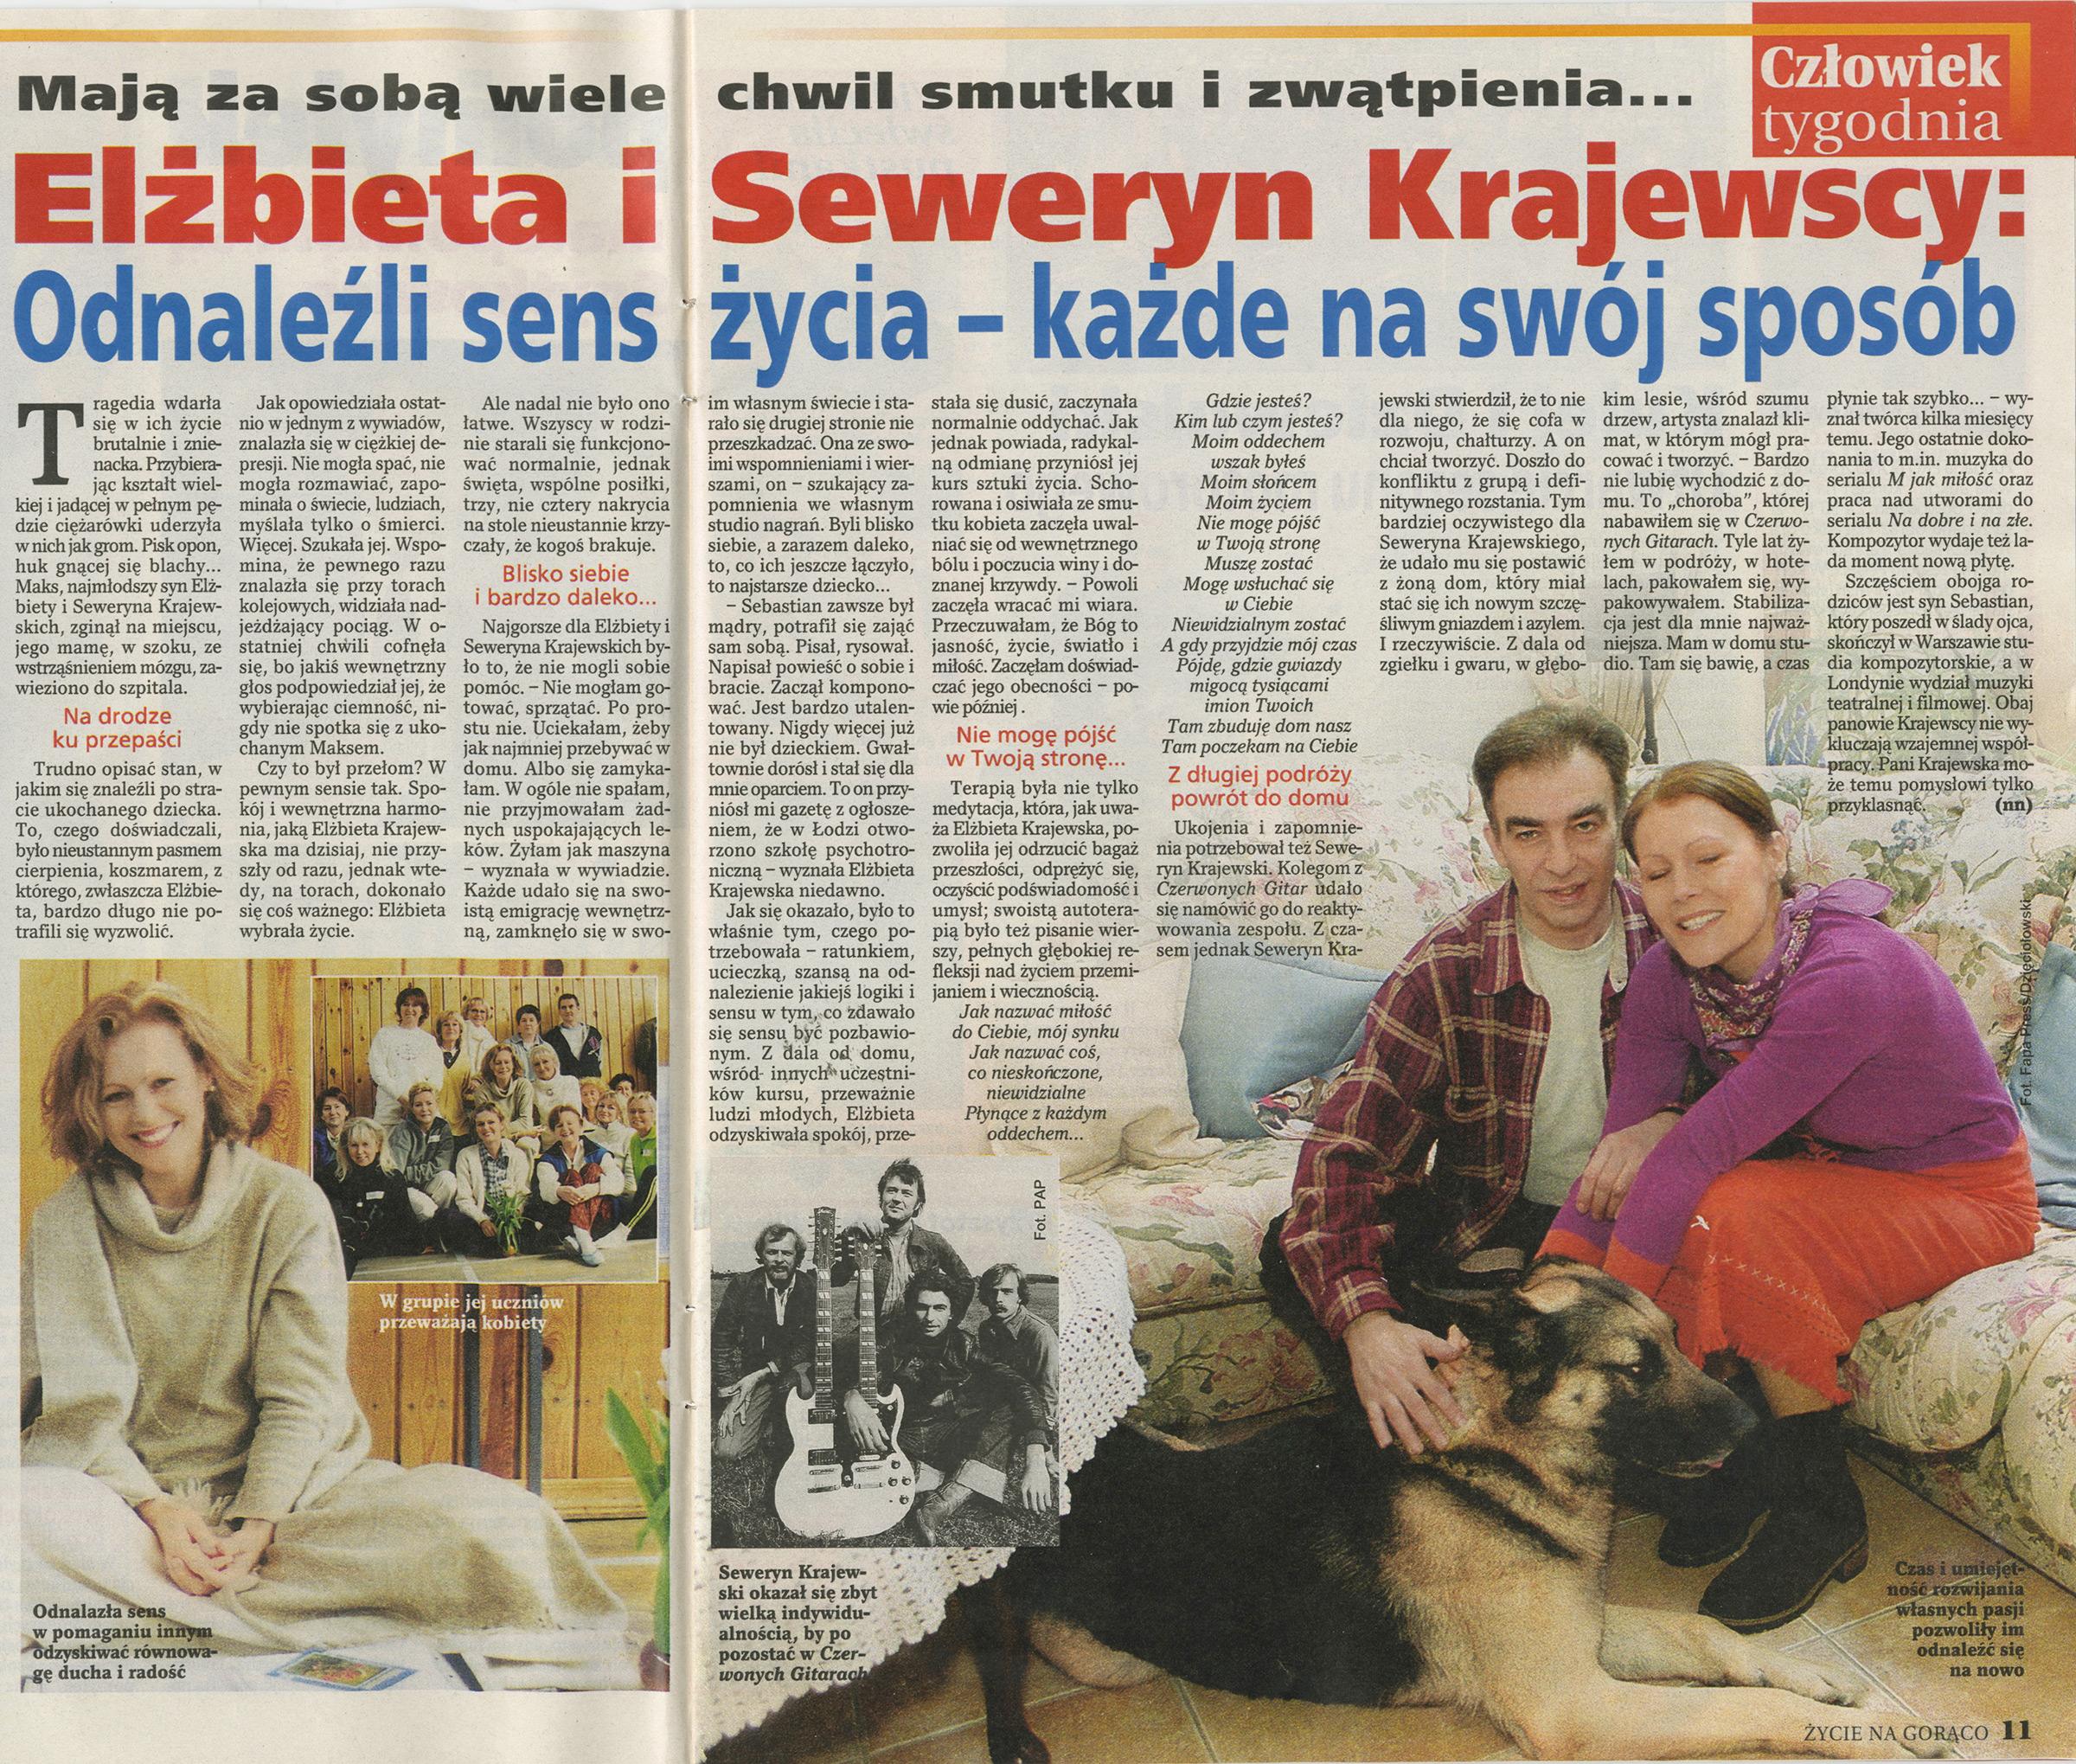 1991-2003-Zycie_na_goraco_2002_Ek_i_SK_Odnalezli_sens_zycia_02